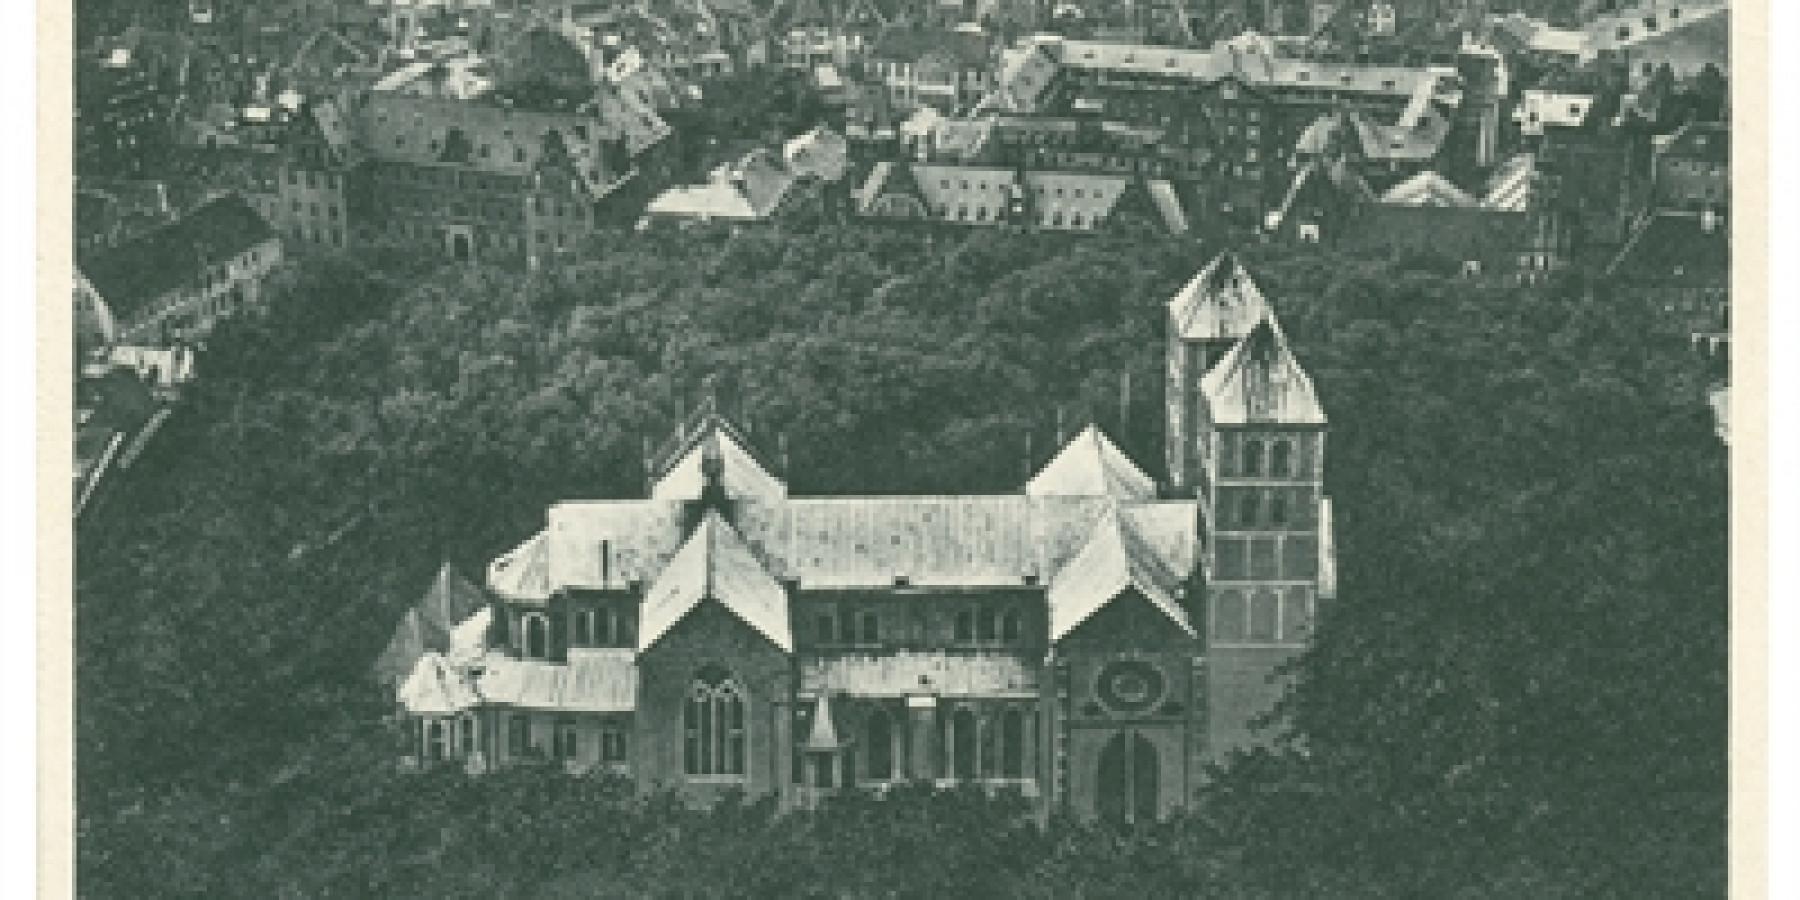 Postkarten: Historische Grüße aus Münster